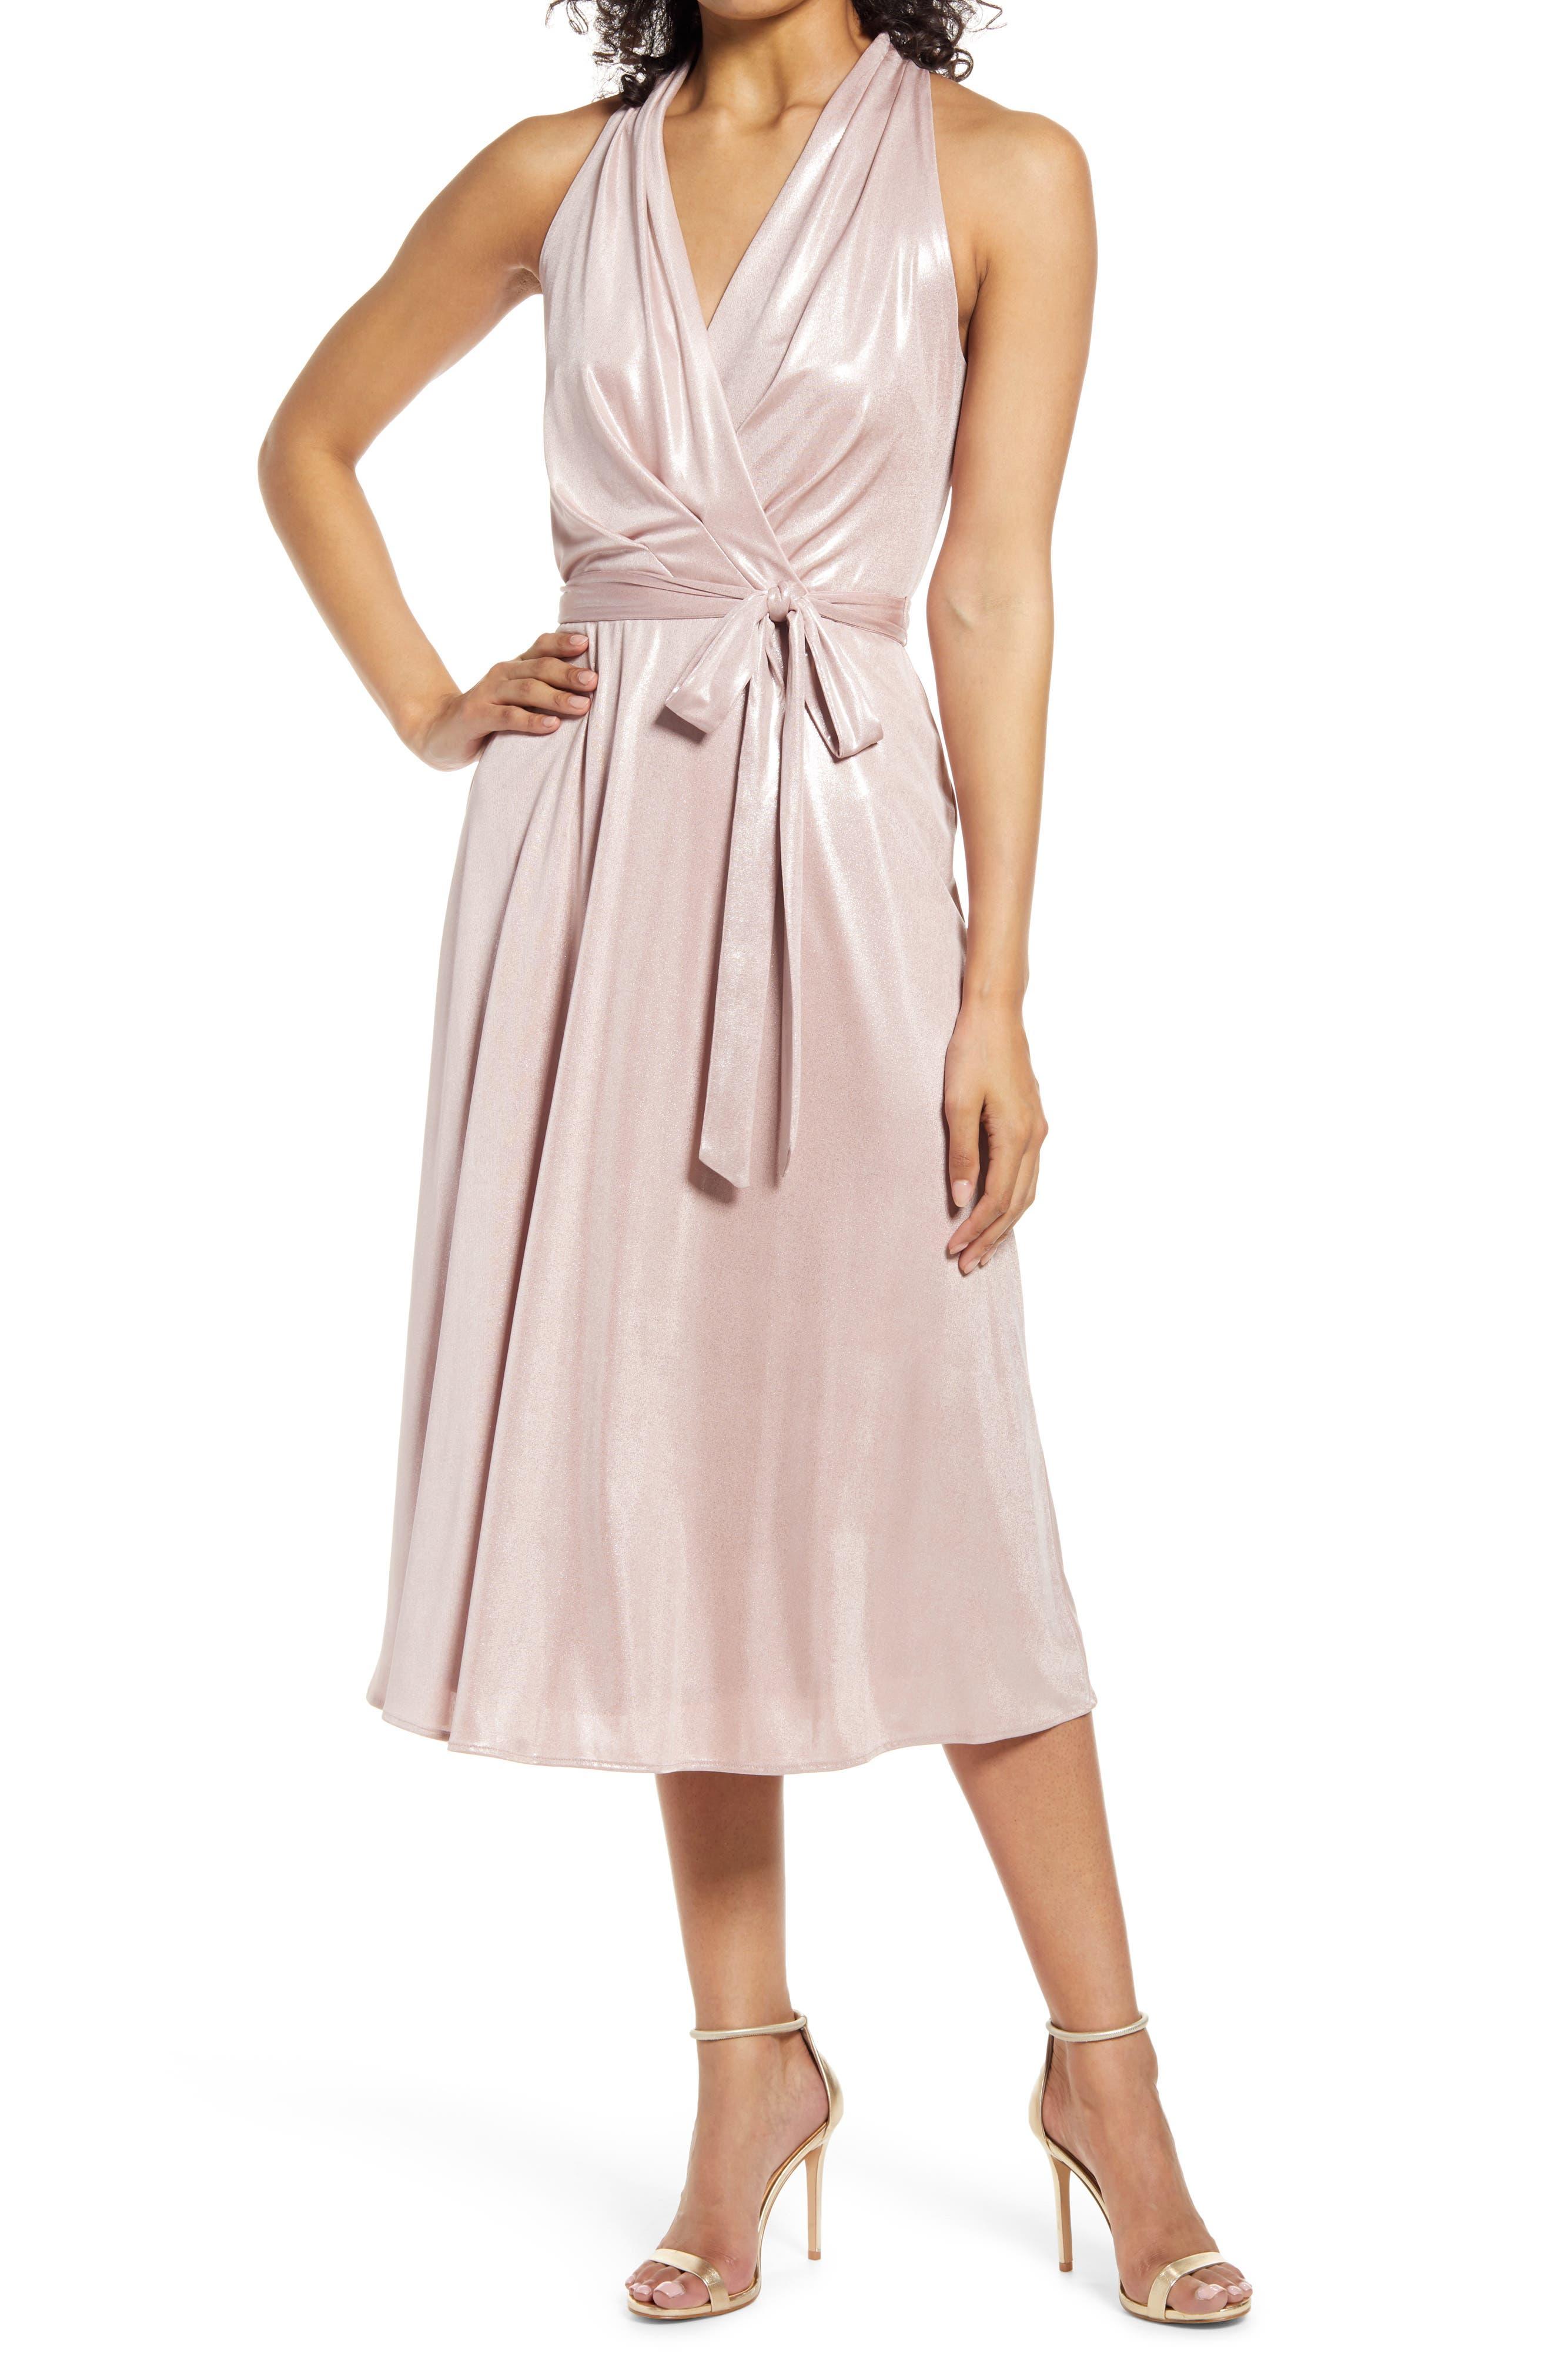 Suprlice Neck Belted Foil Jersey Dress